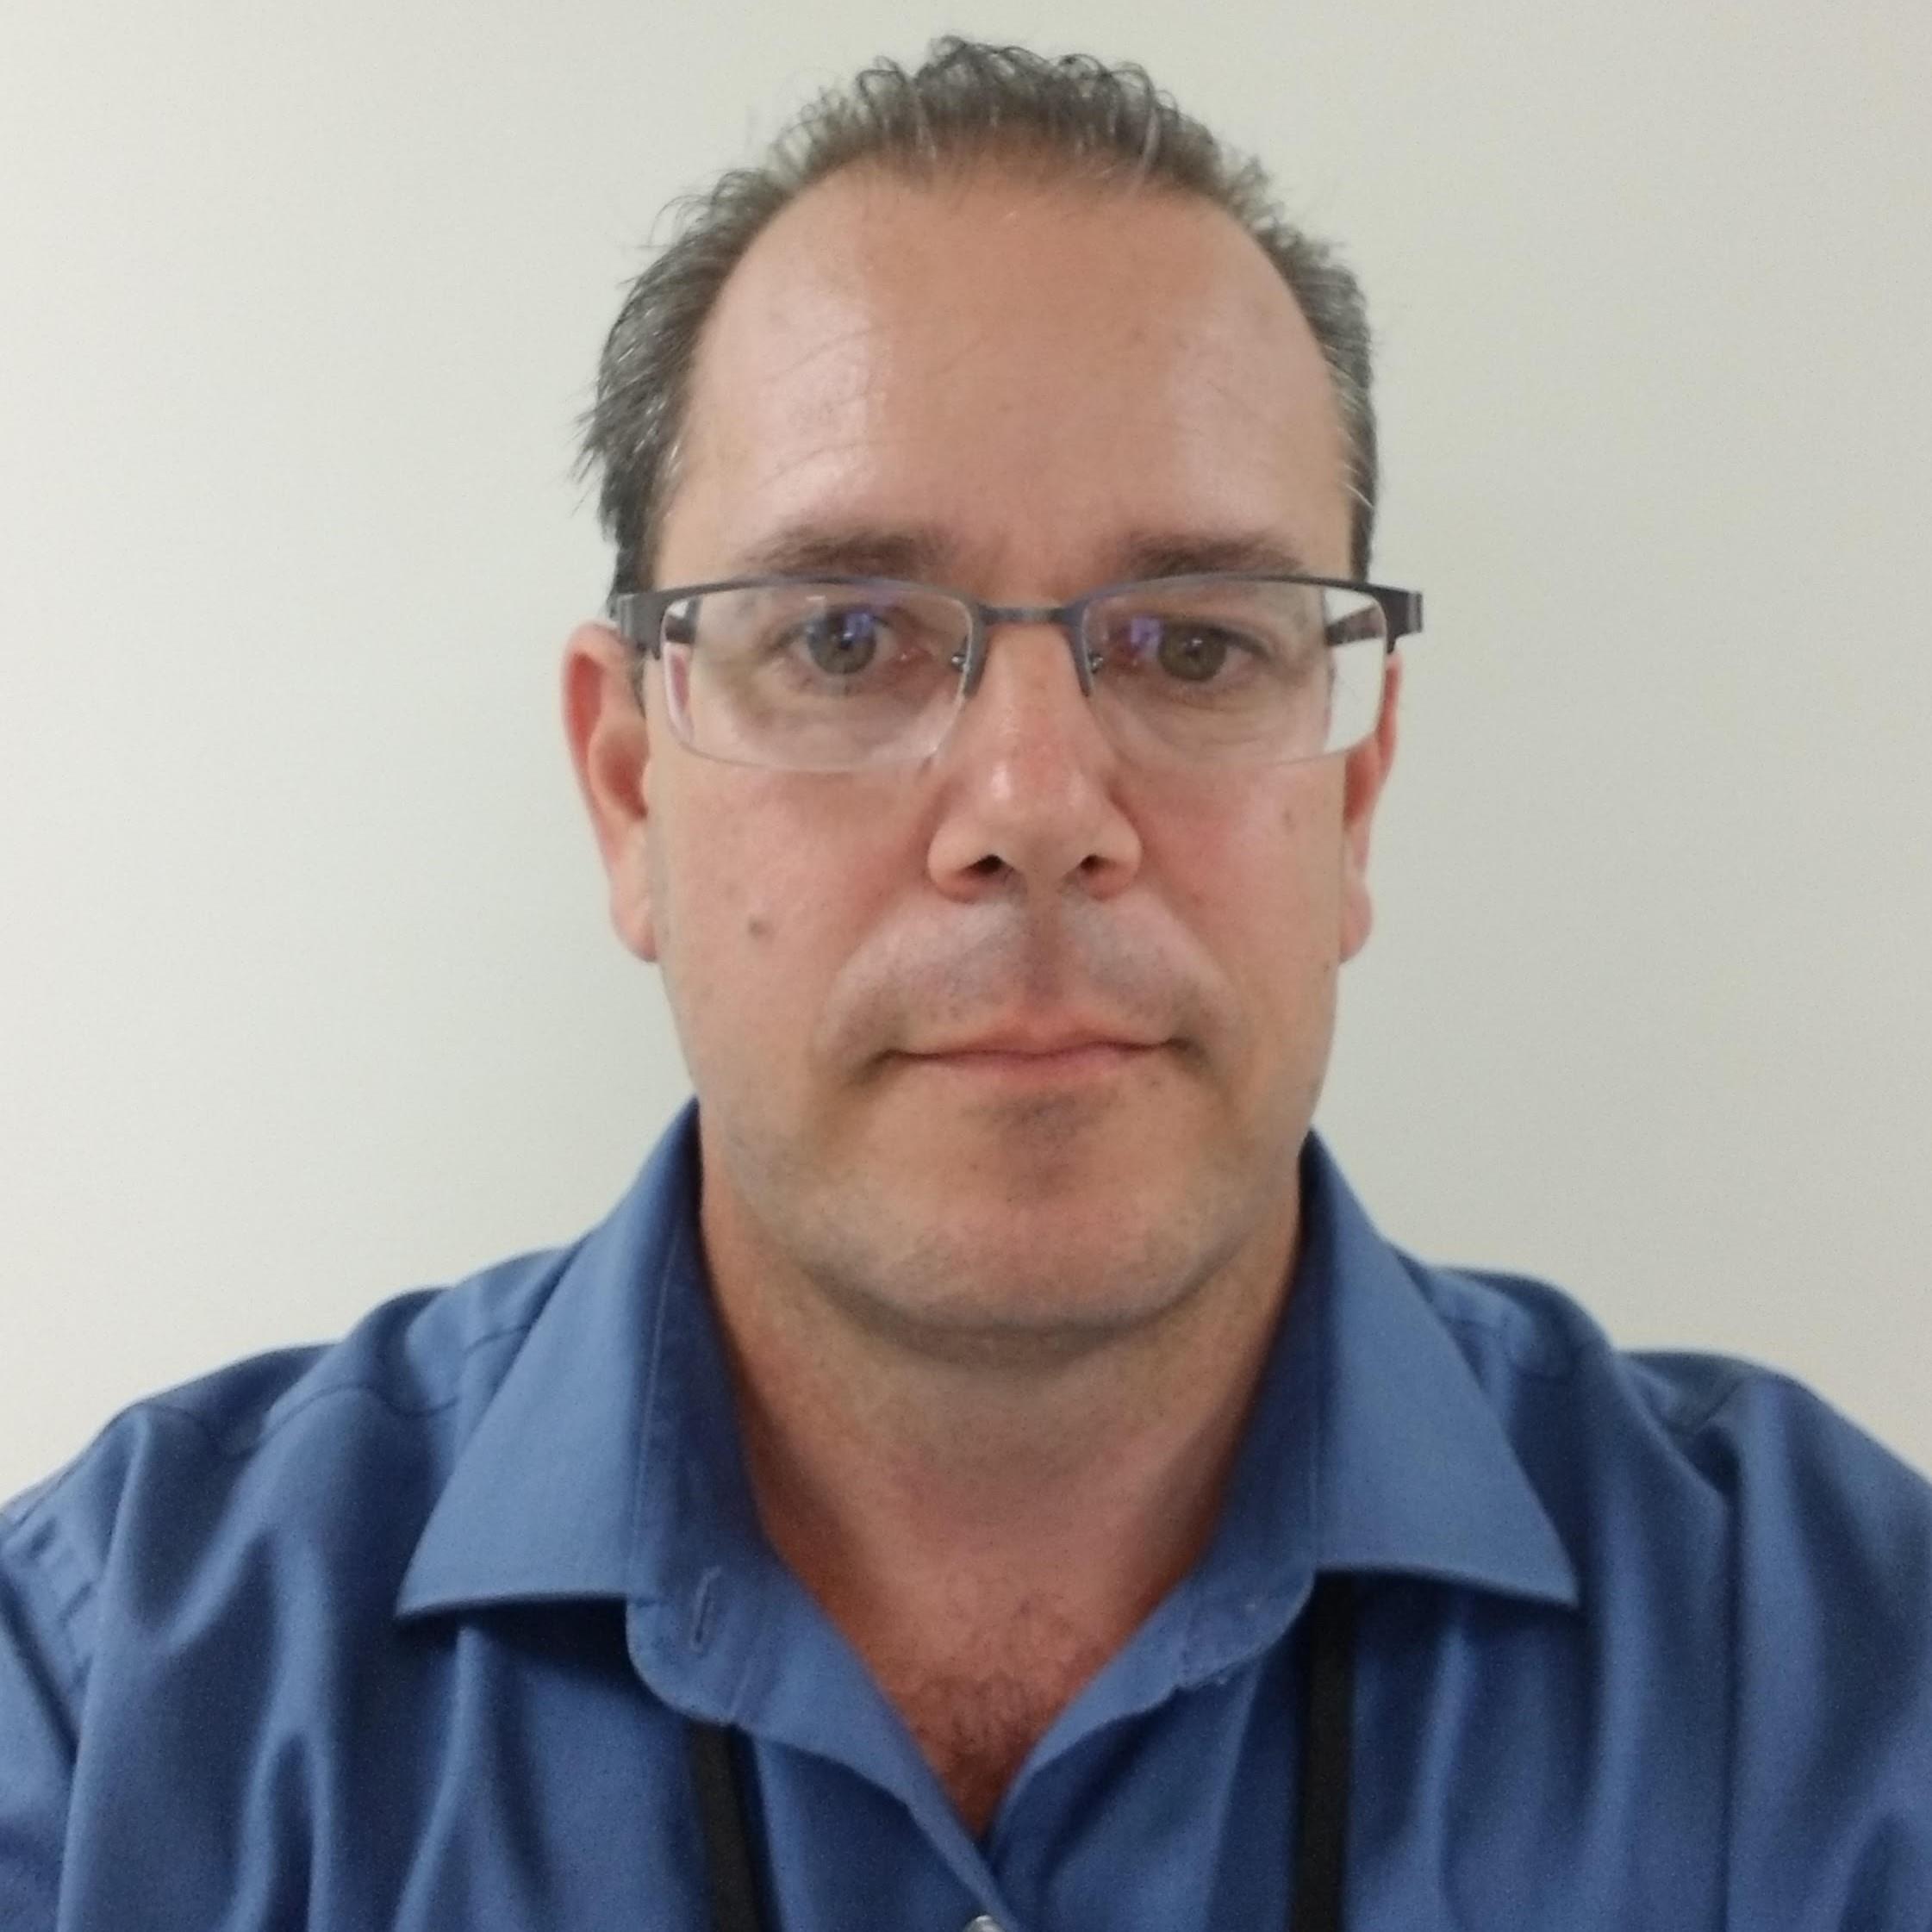 Matt_Erwin_Headshot_2.jpg